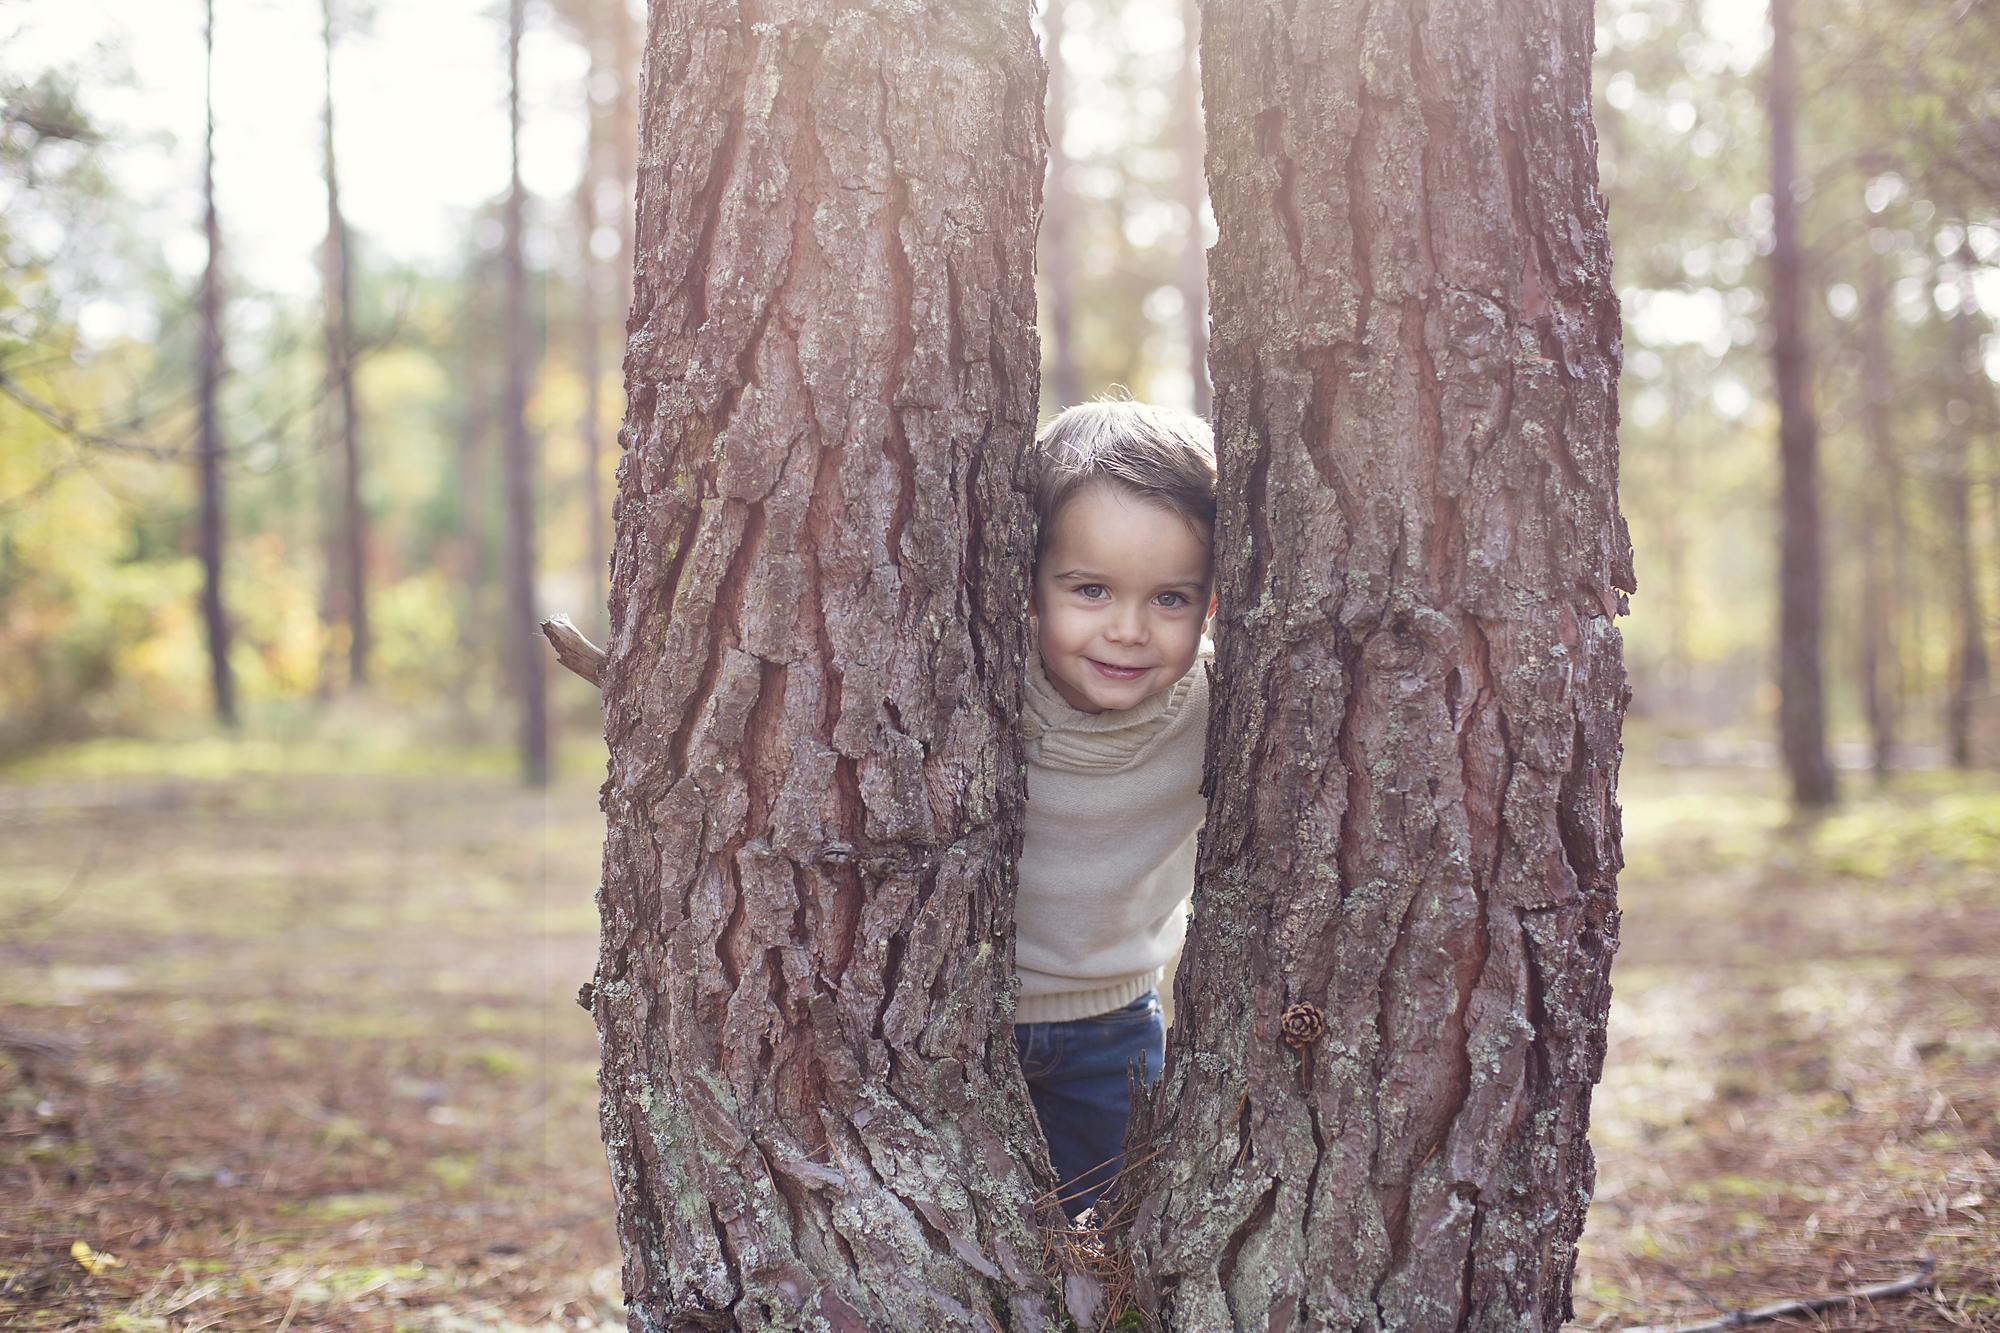 photographe-enfants-sur-mesure-seance-haute-couture-seance-paris